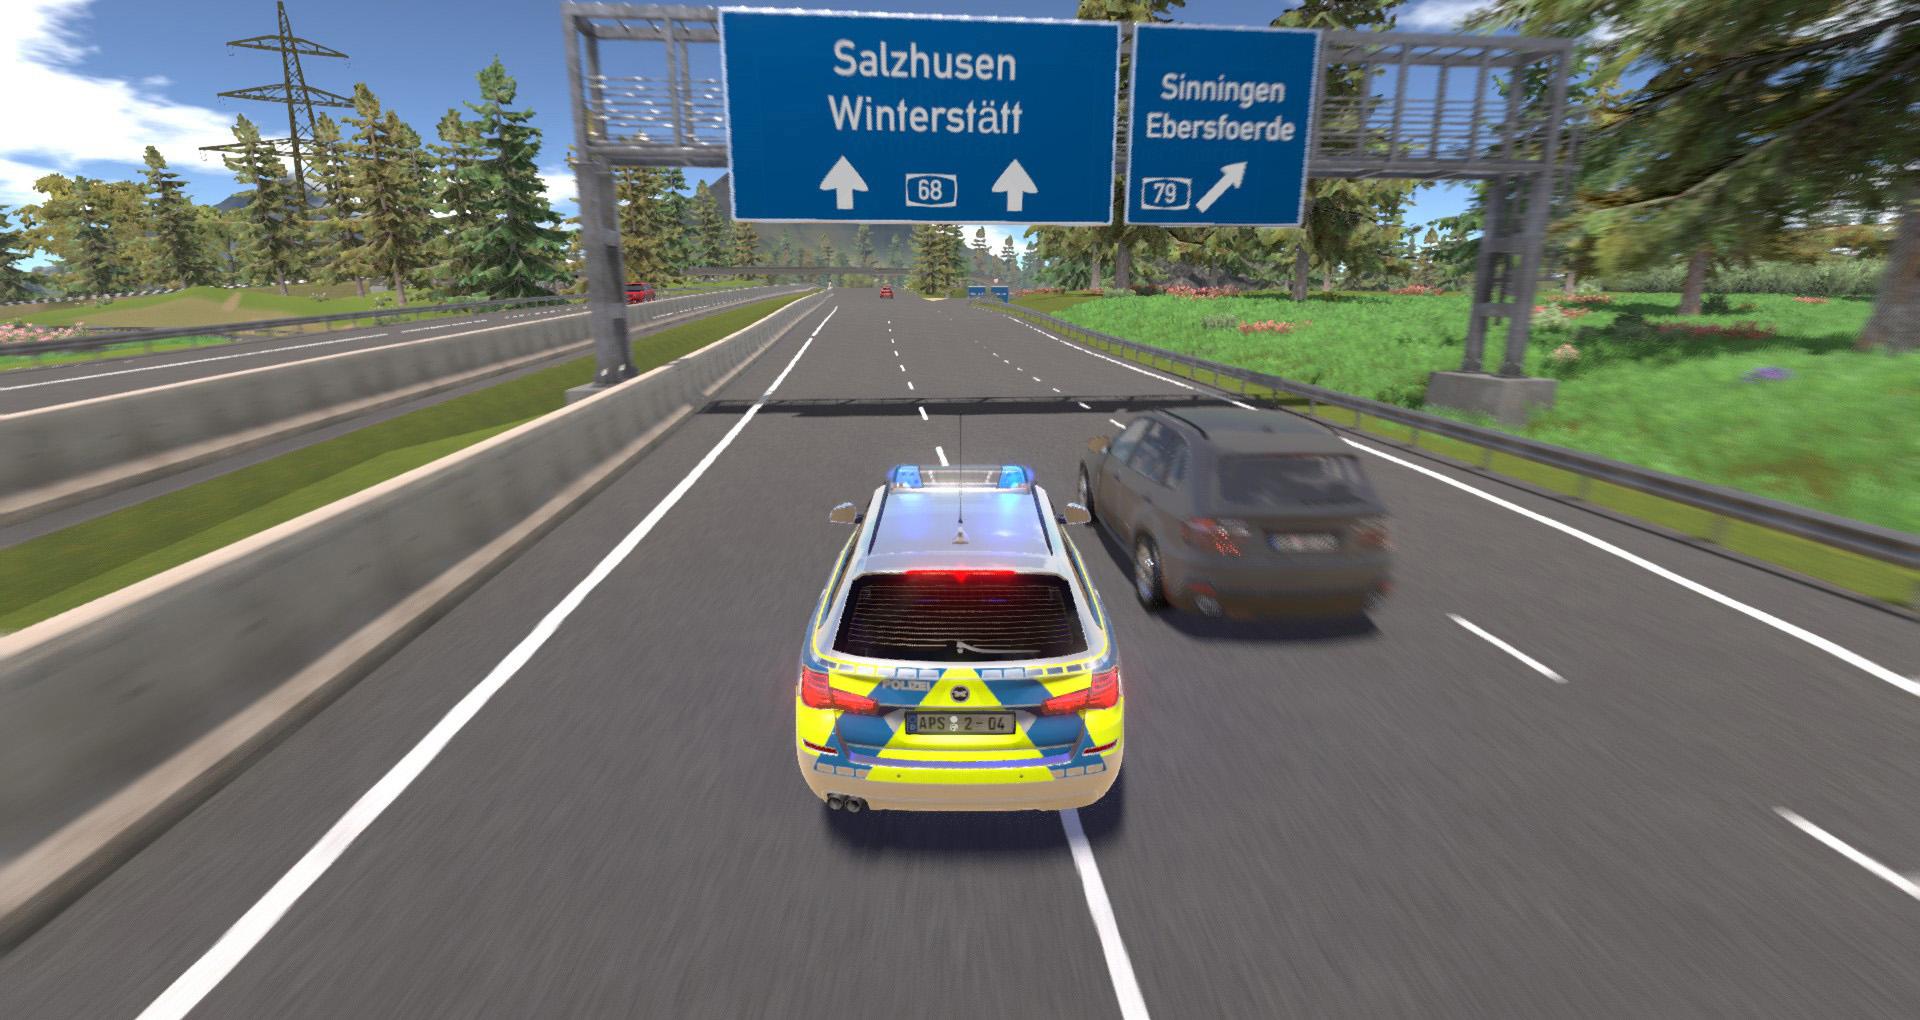 Polizei Spiele Pc Kostenlos Downloaden